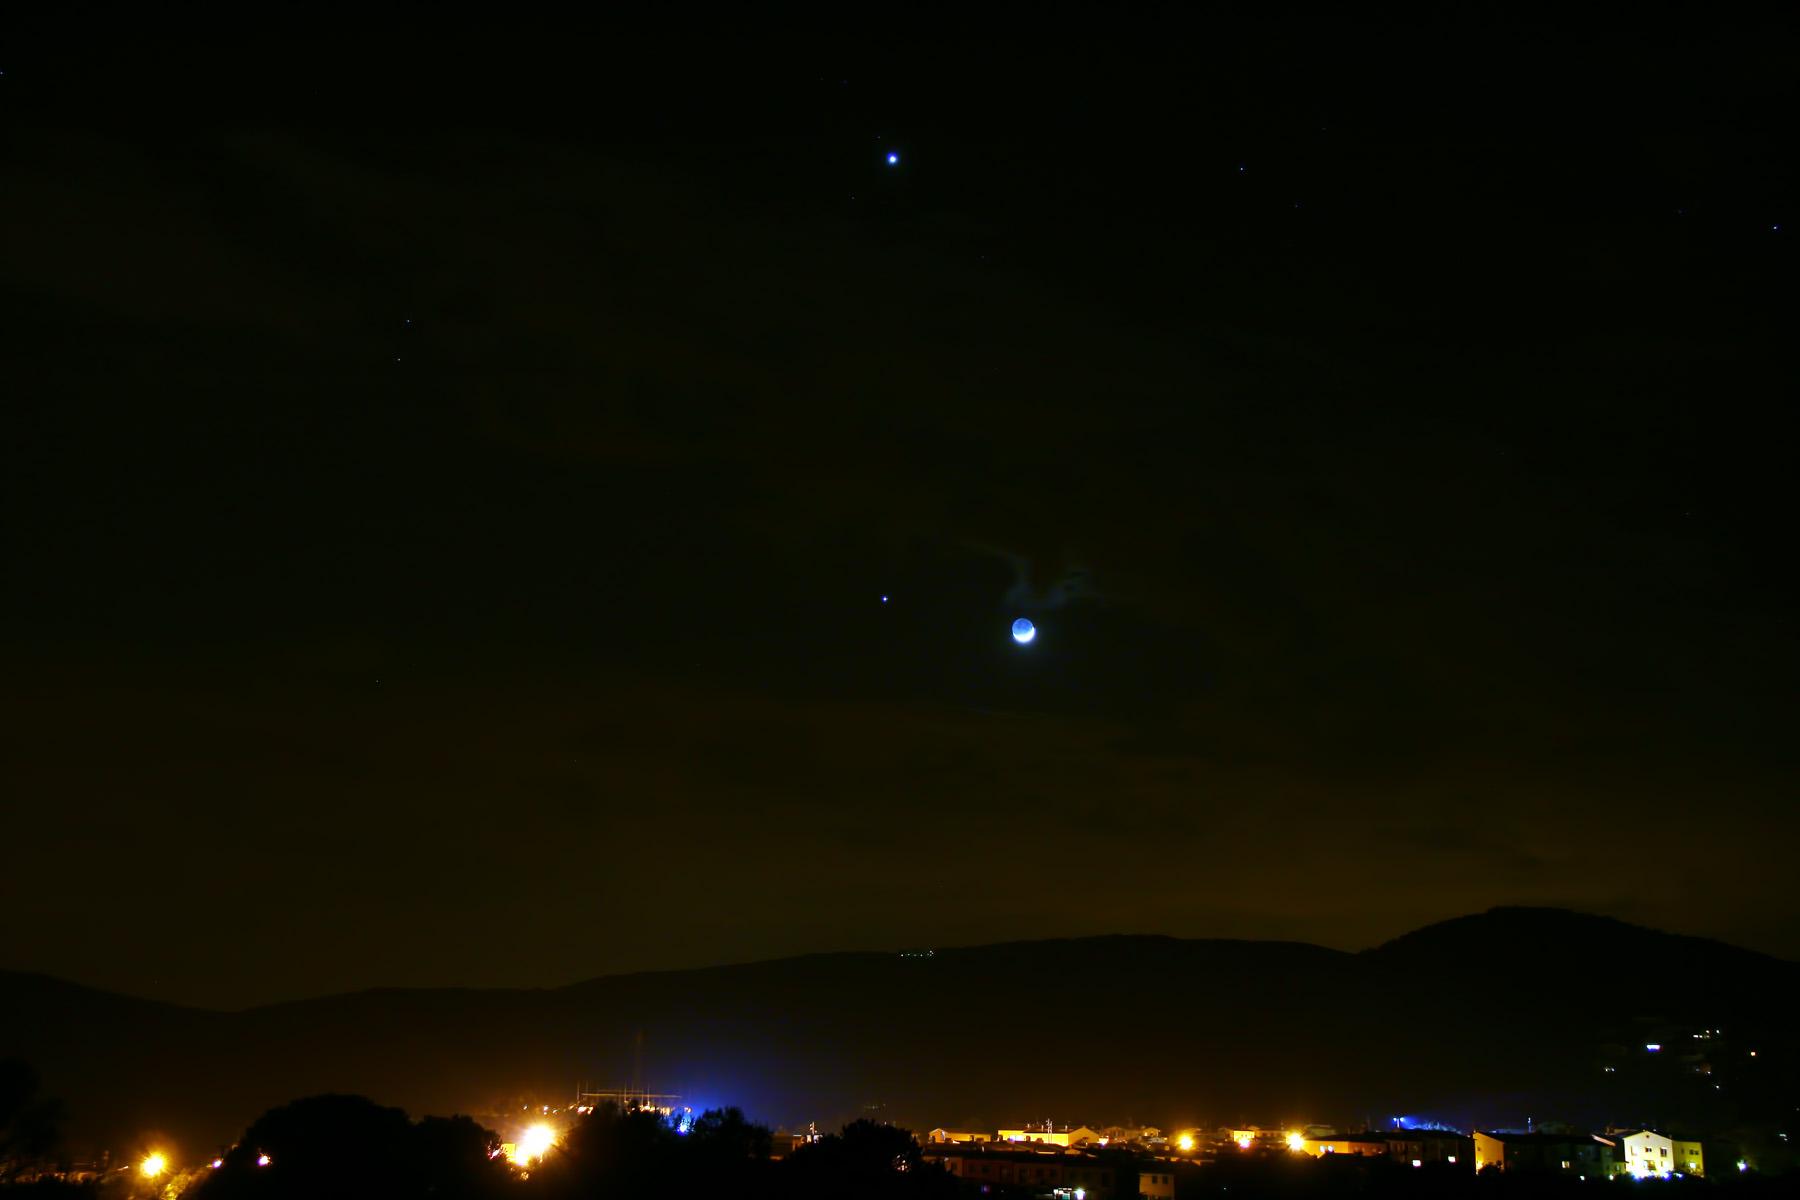 Venus i júpiter junt la lluna creixent